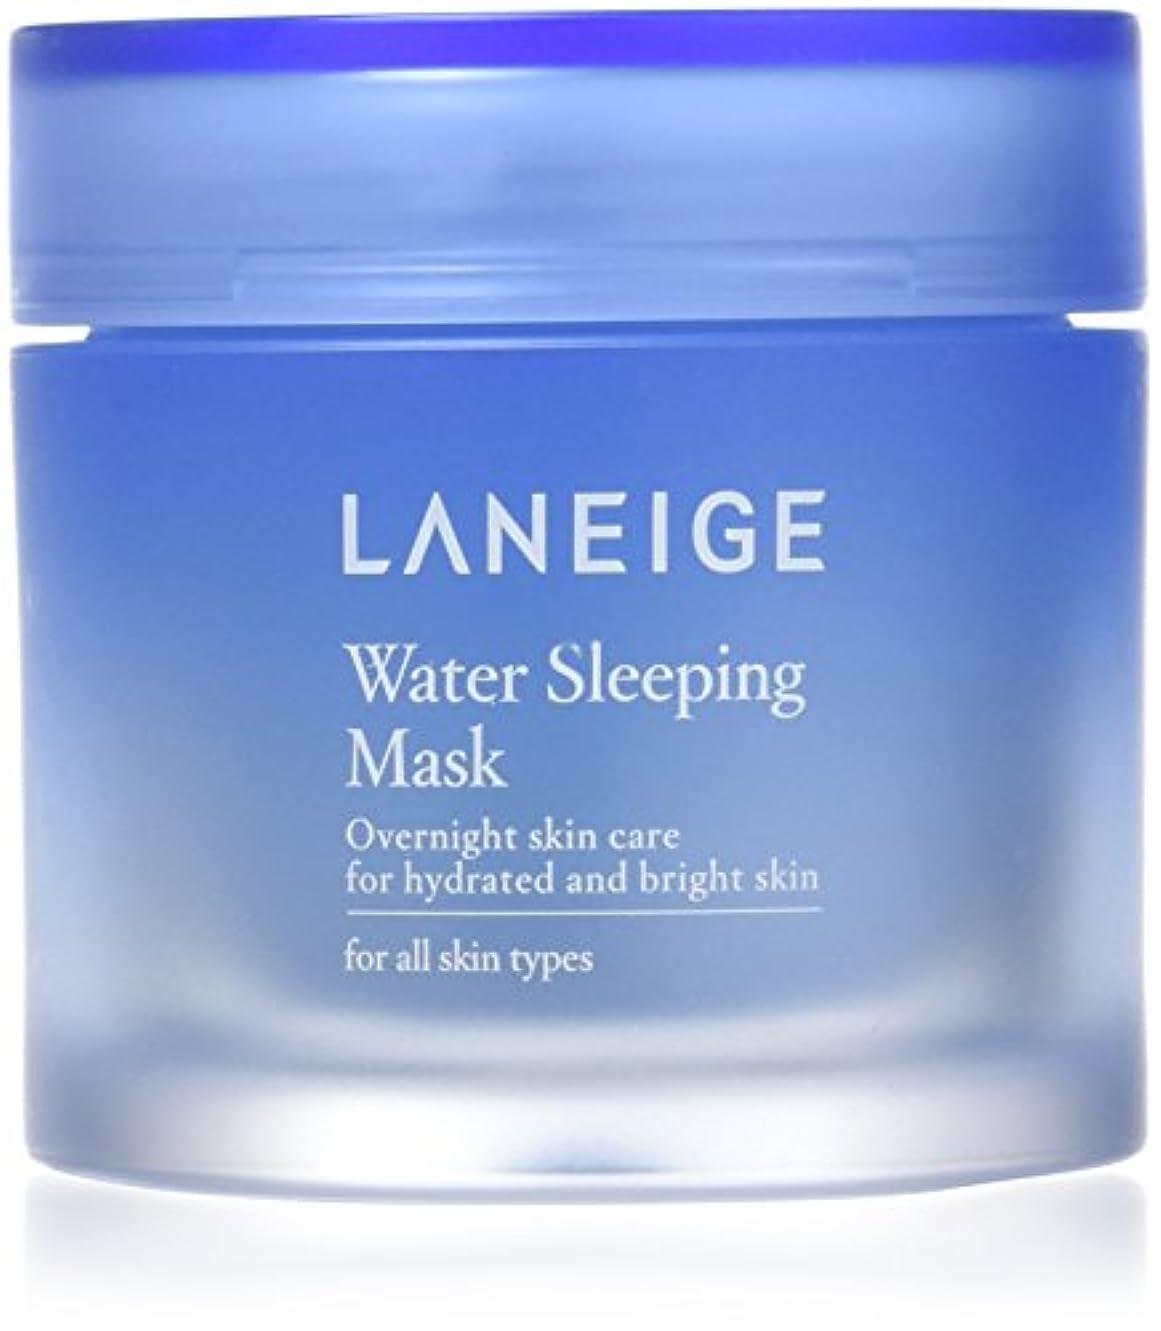 浴近代化するパネルLANEIGE/ラネージュ ウォータースリーピング マスク 70ml/Laneige Water Sleeping Mask 70ml [海外直送品]